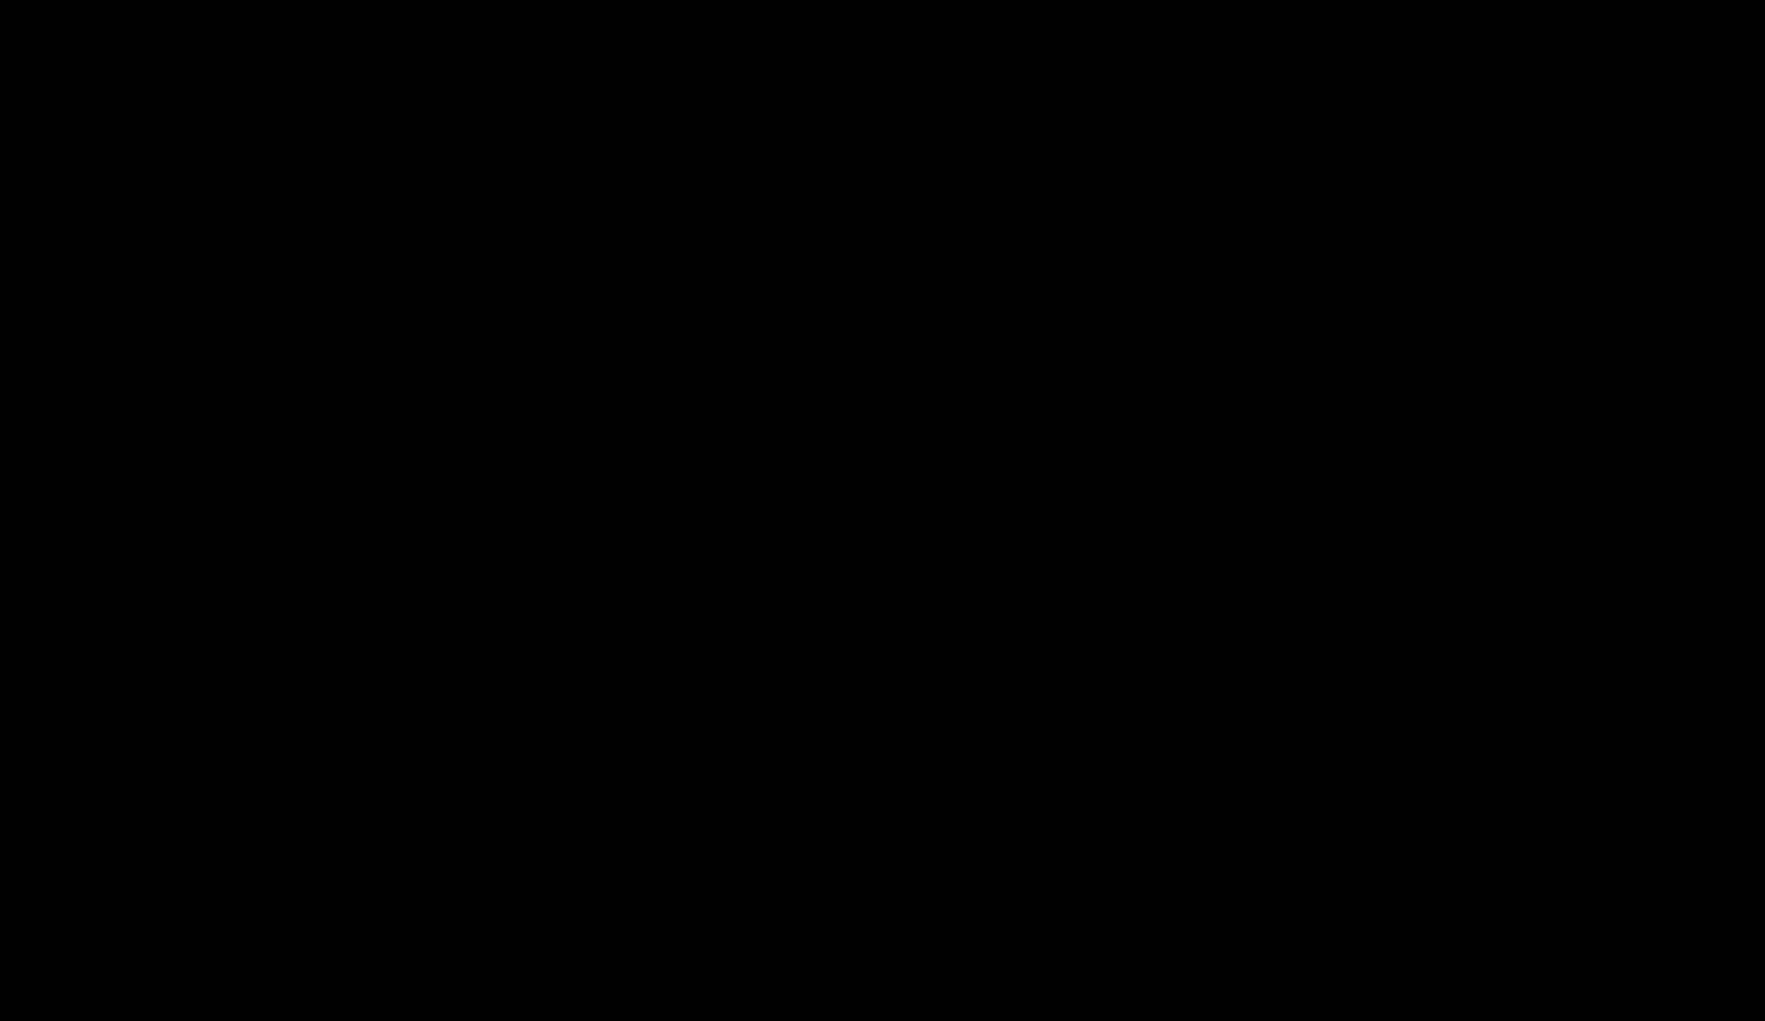 Biotin-dPEG®₁₂-DBCO